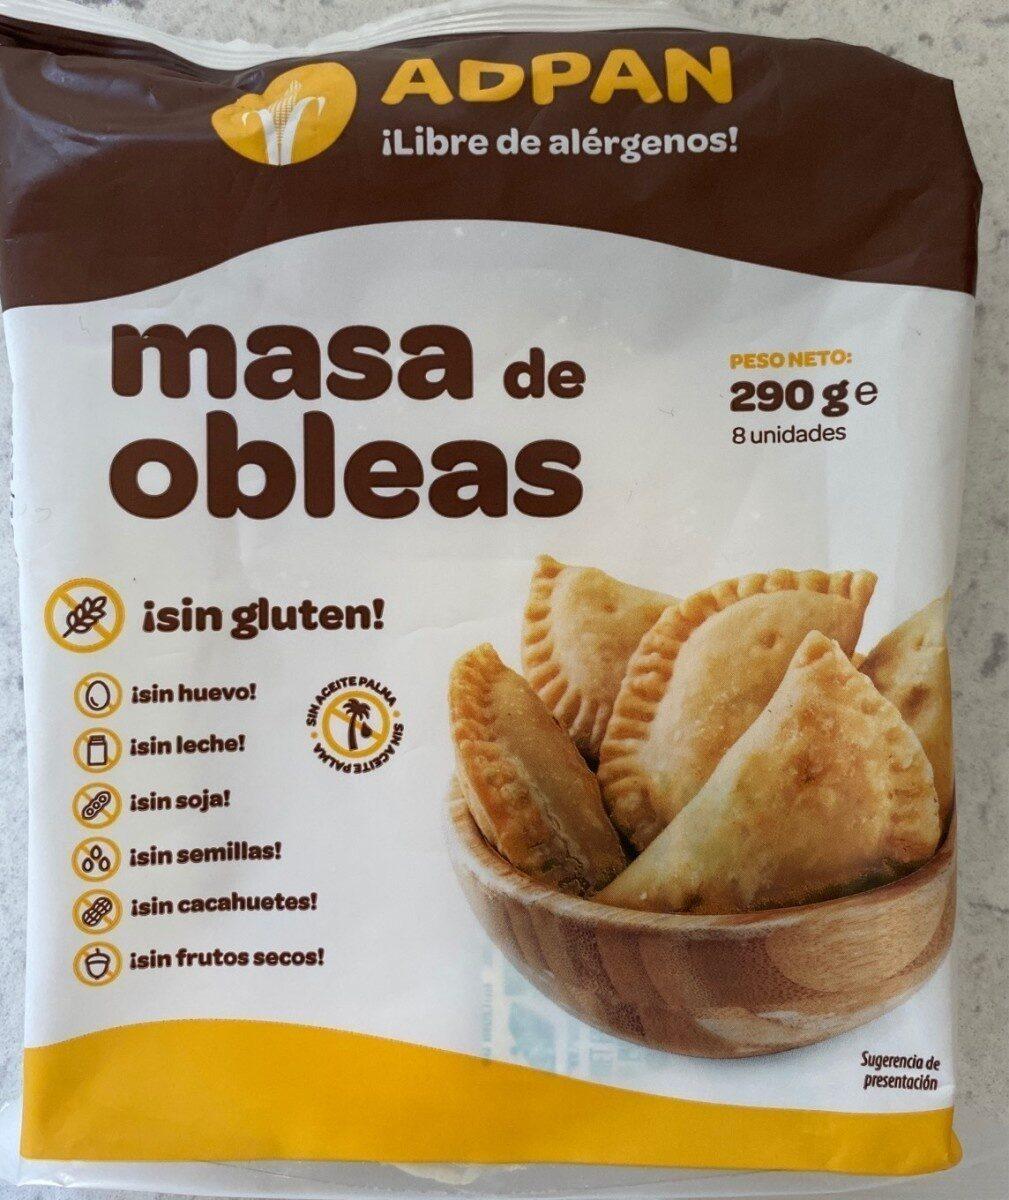 Masa de obleas - Product - es